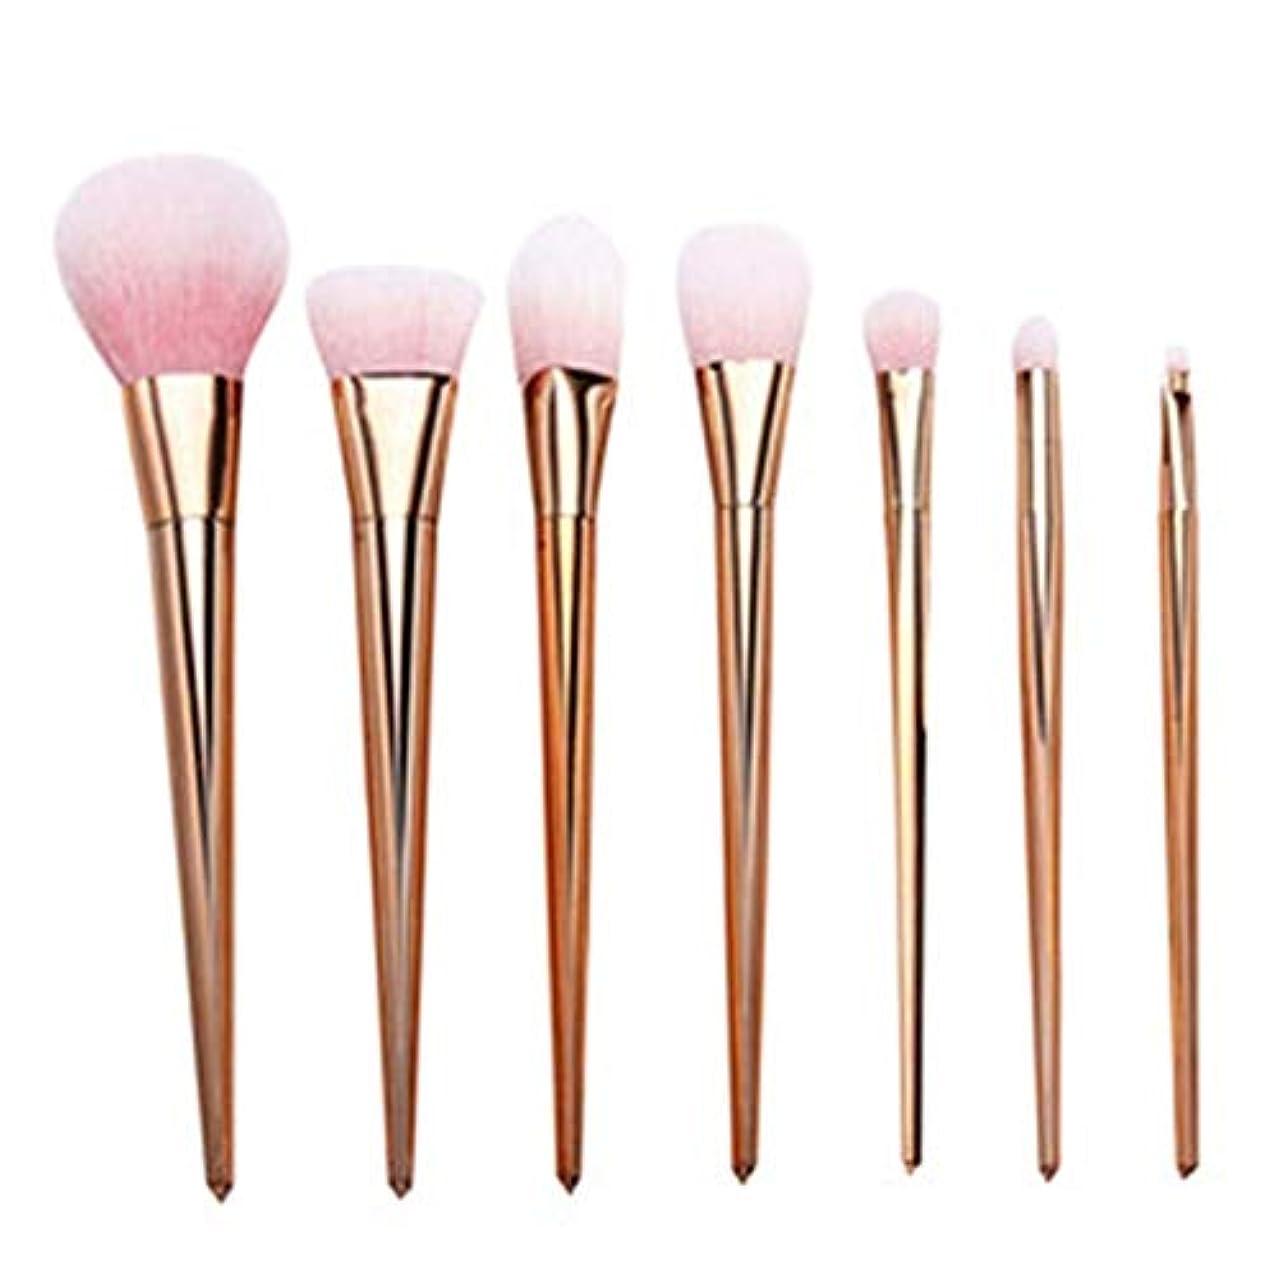 それに応じて恩恵社説プロ メイクブラシ 化粧筆 シリーズ 化粧ブラシセット 高級タクロン 超柔らかい 可愛い リップブラシツール 7本セット (Color : Rose Gold)